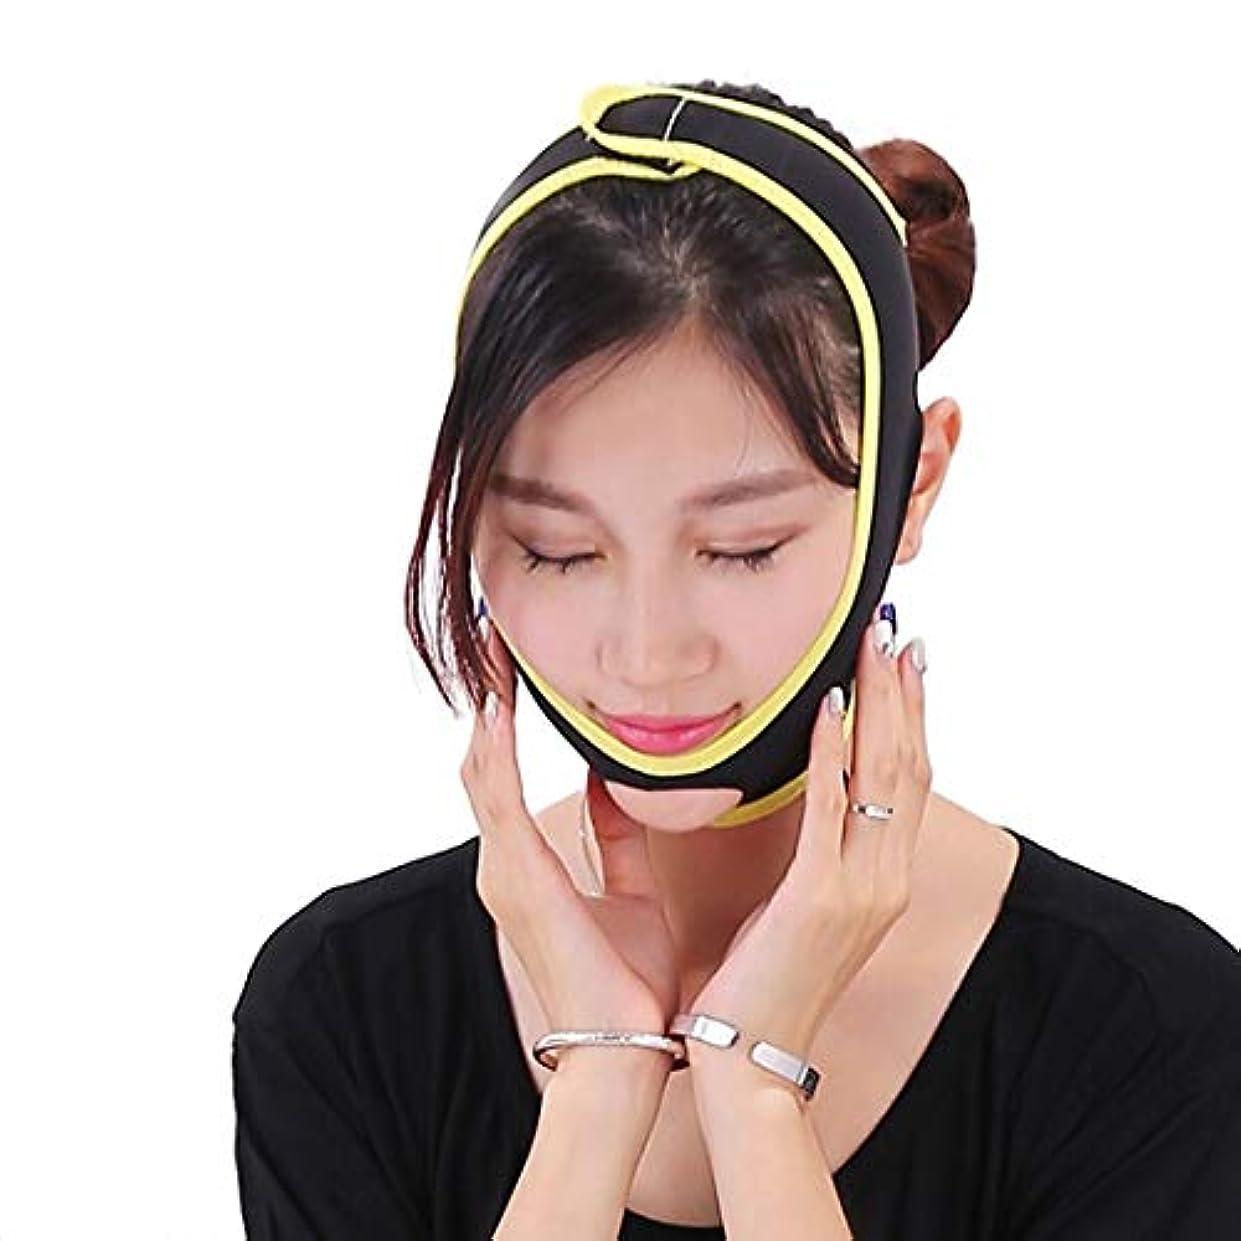 取り扱いそんなにディーラーZWBD フェイスマスク, フェイスリフティング包帯パワフルフェイスマスクフェイスリフティング包帯引き締めシワ顔楽器vフェイスダークブラック